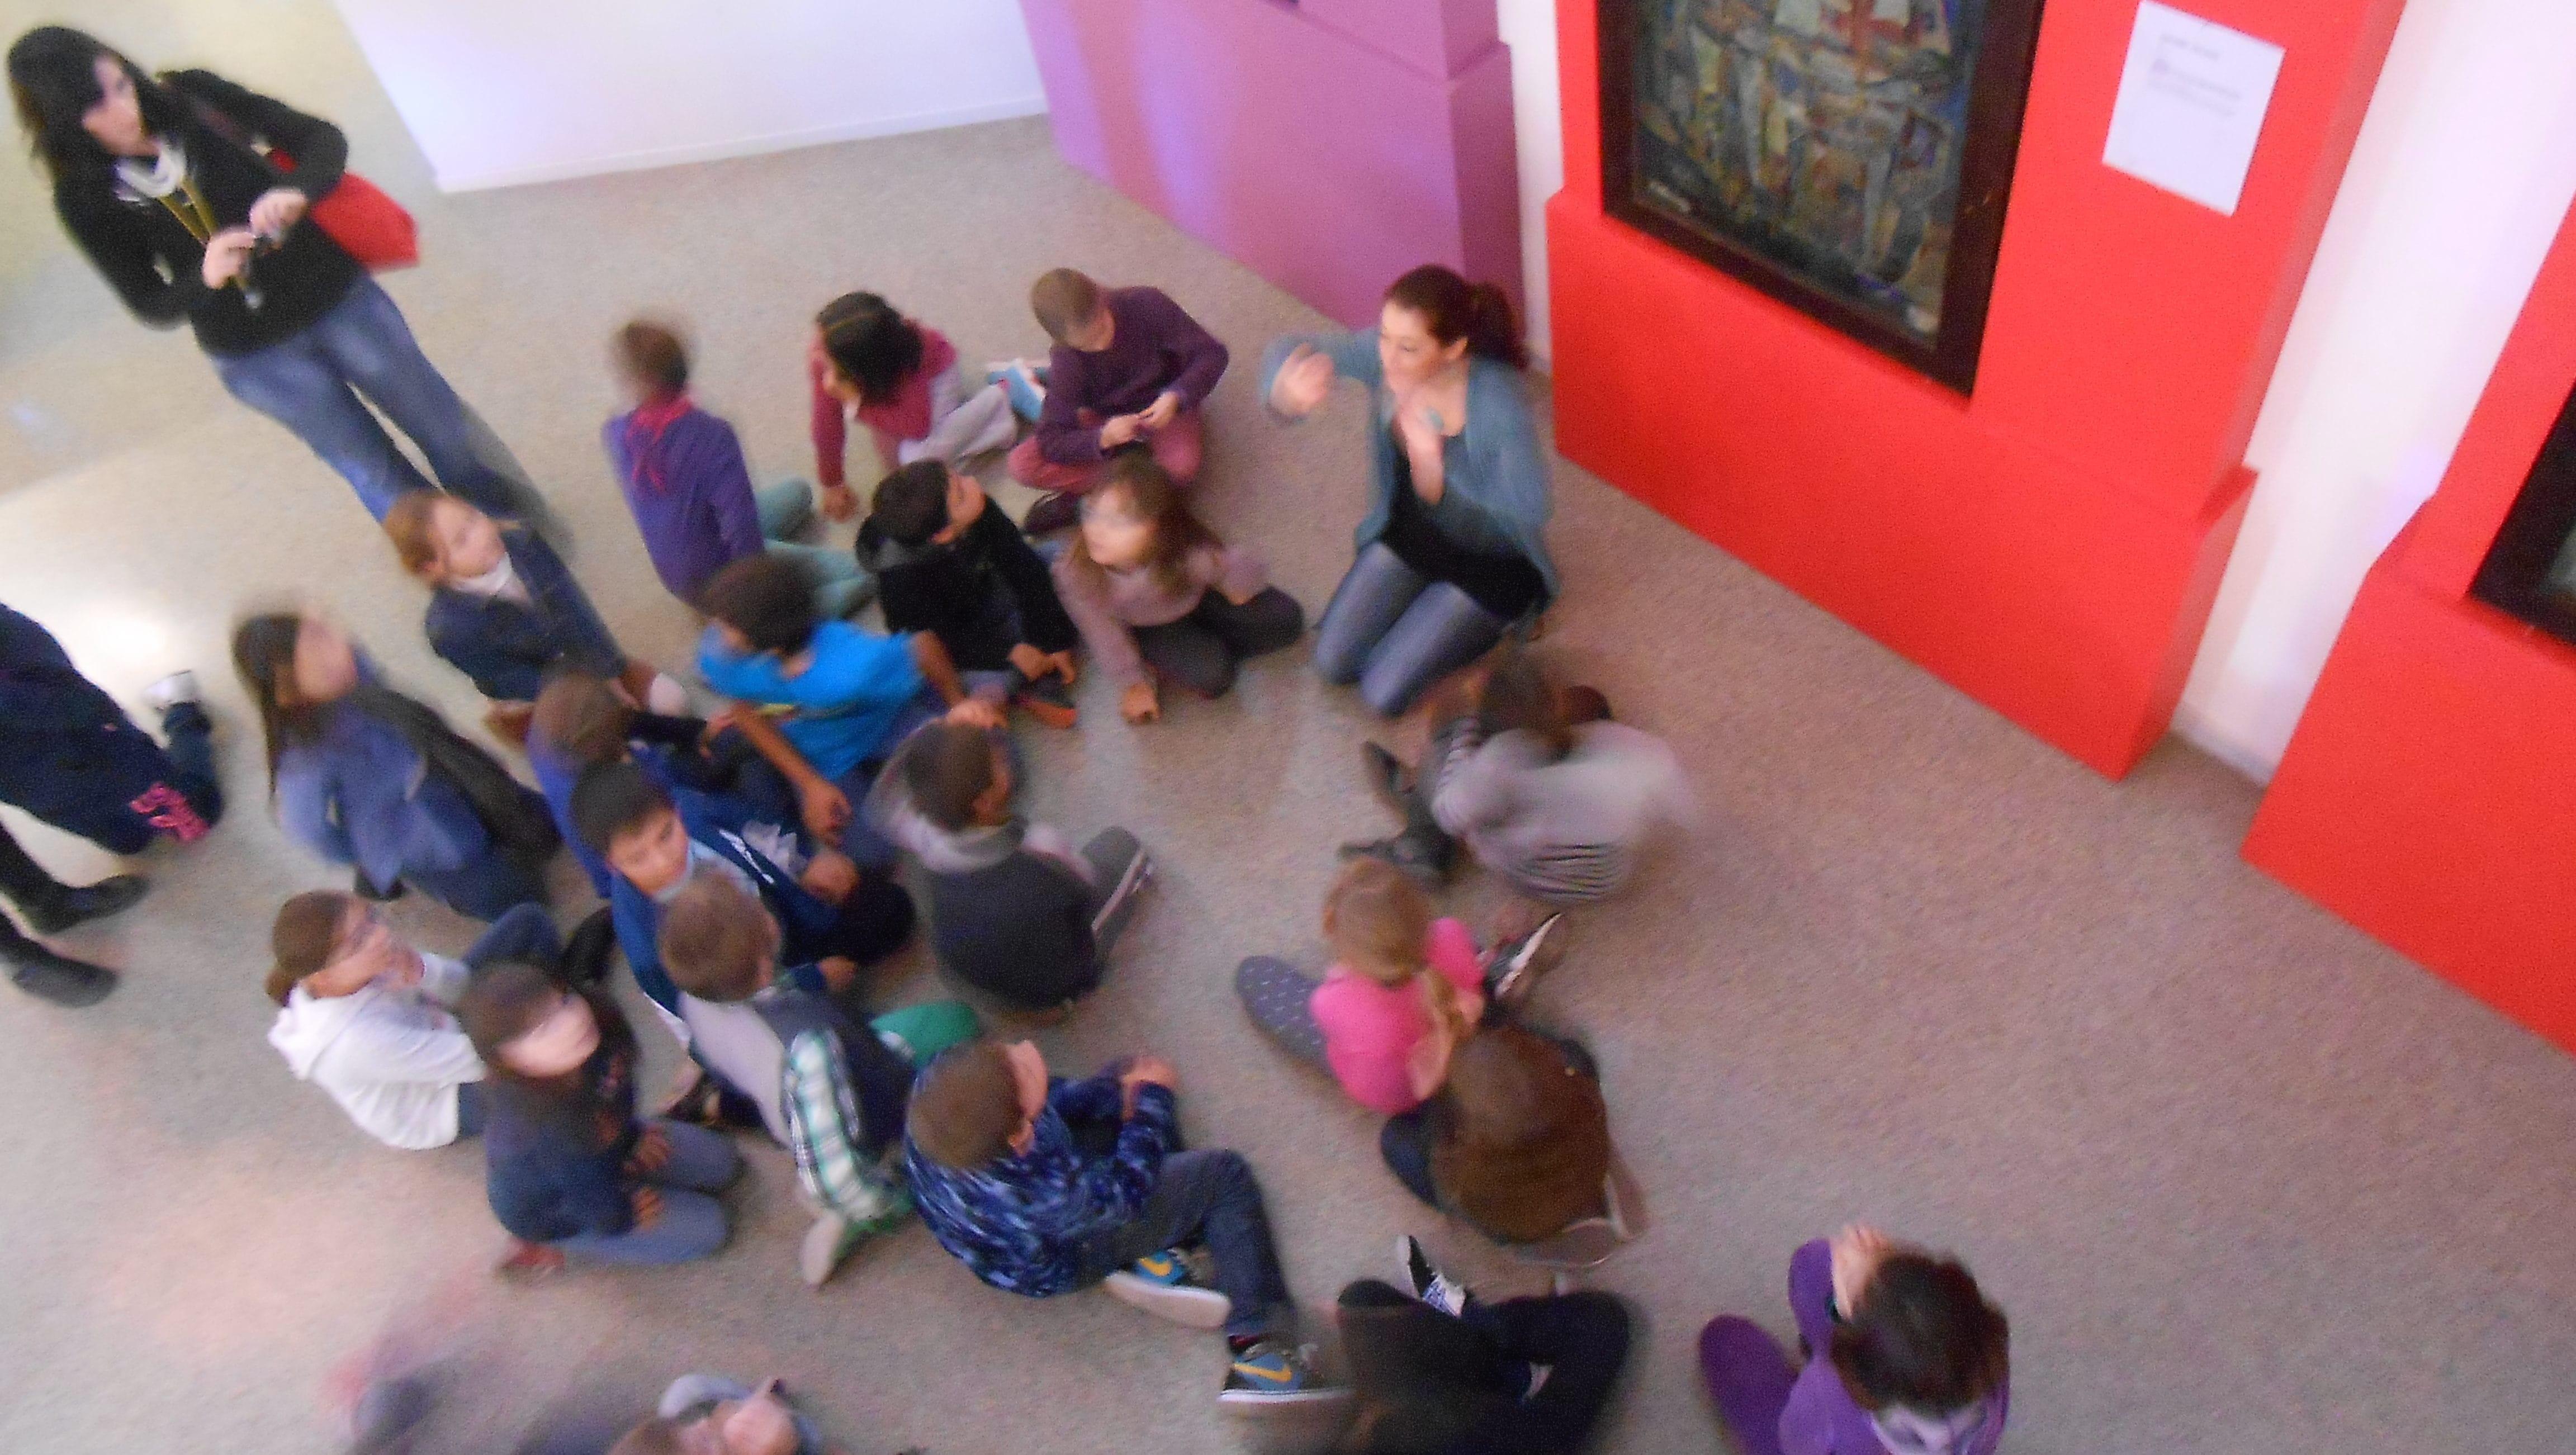 Une animation à la Halle du Verre, Claret. Photo : Elodie Zumstein